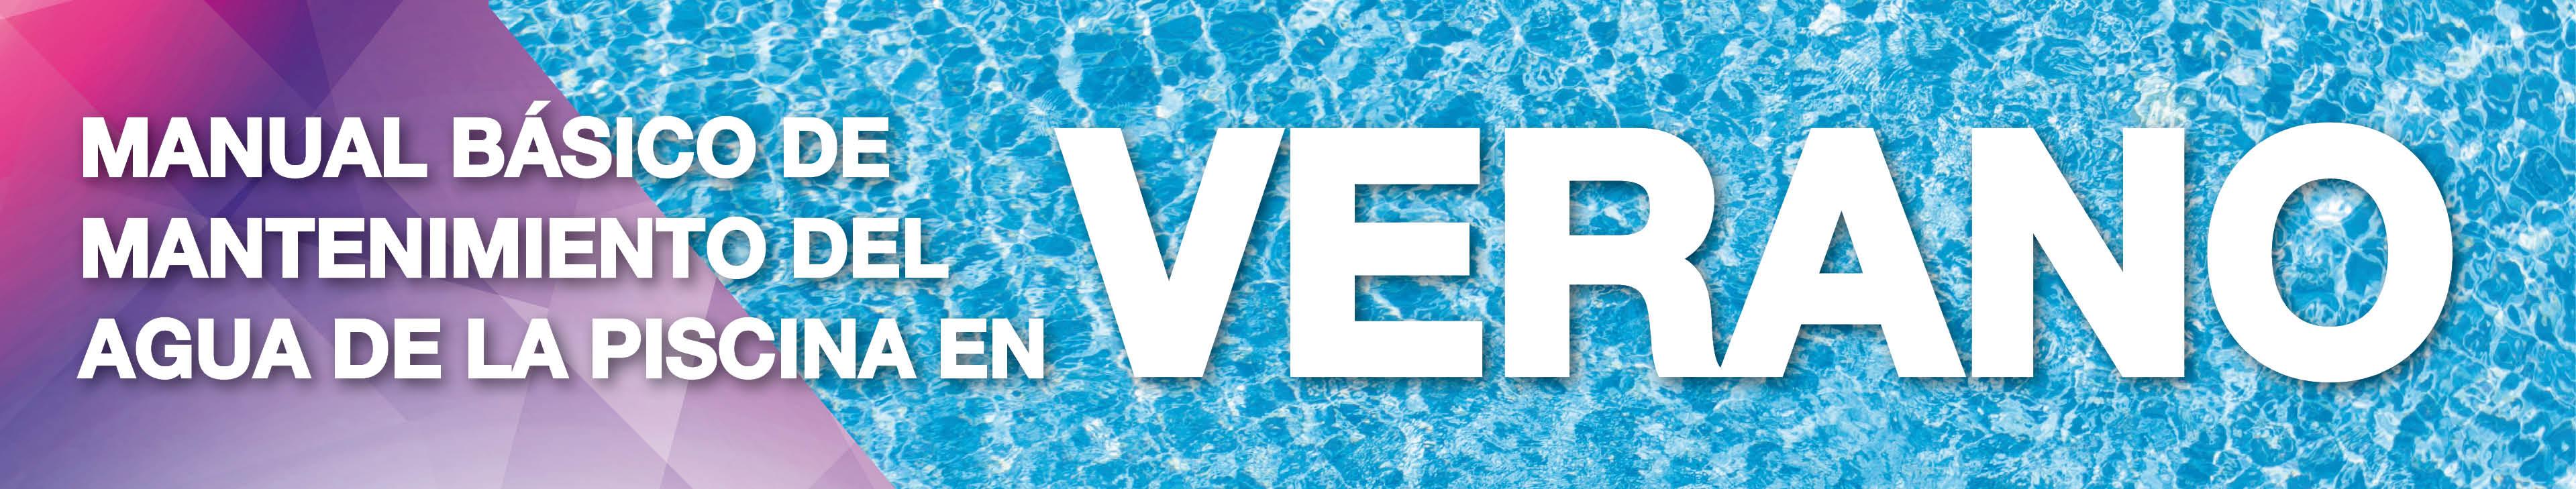 Guia-manteminiento-piscinas-Verano.jpg